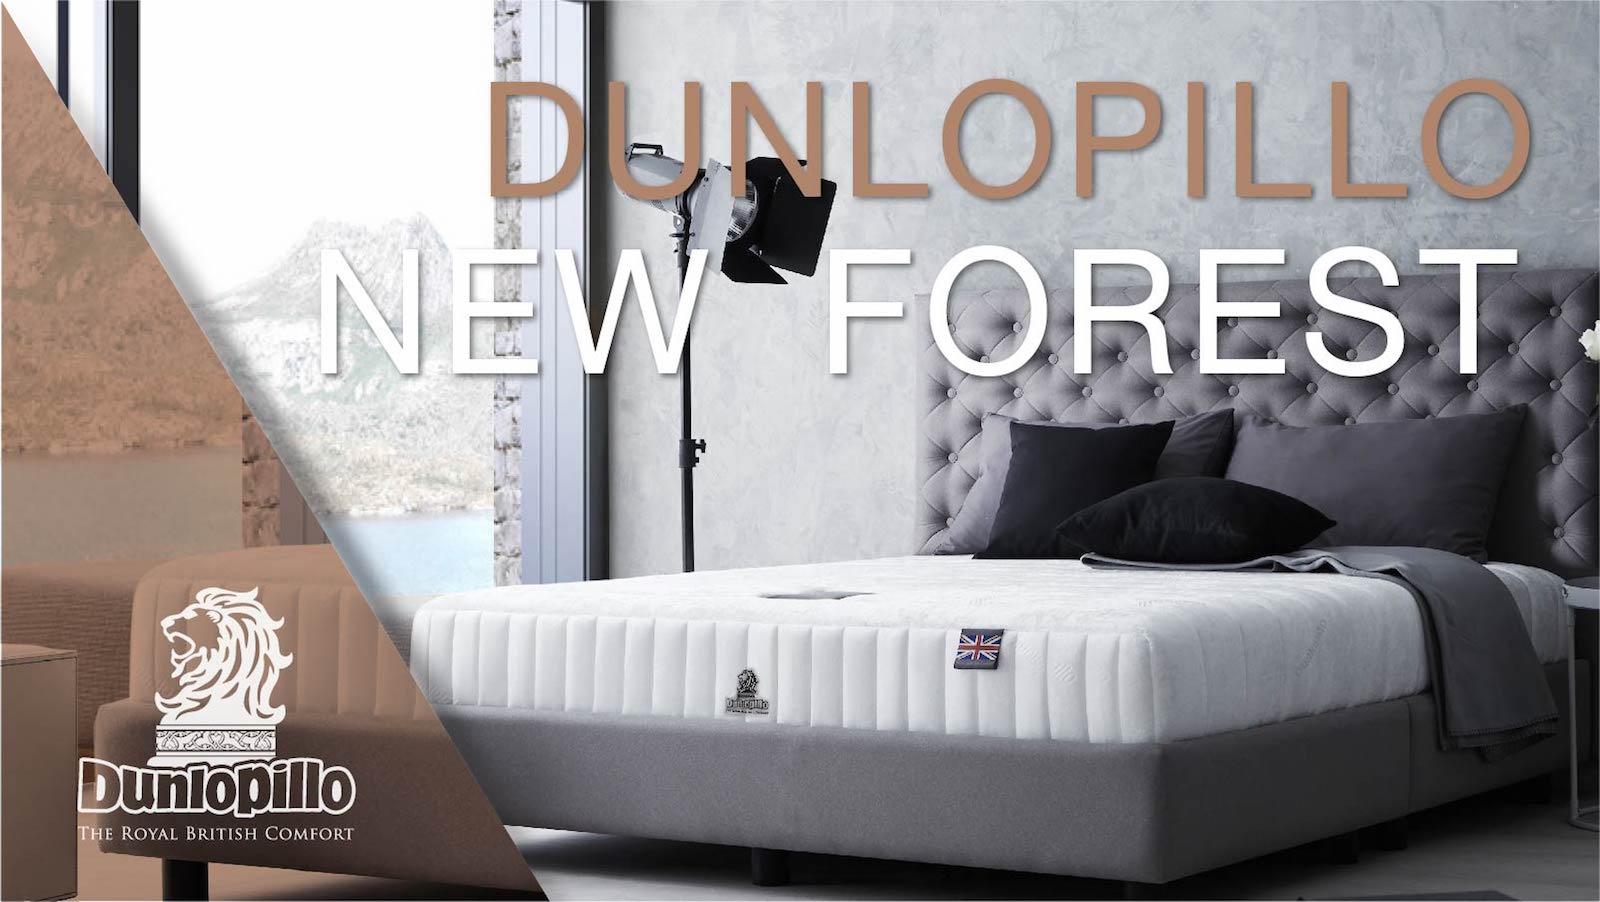 ที่นอน Dunlopillo รุ่น New Forest